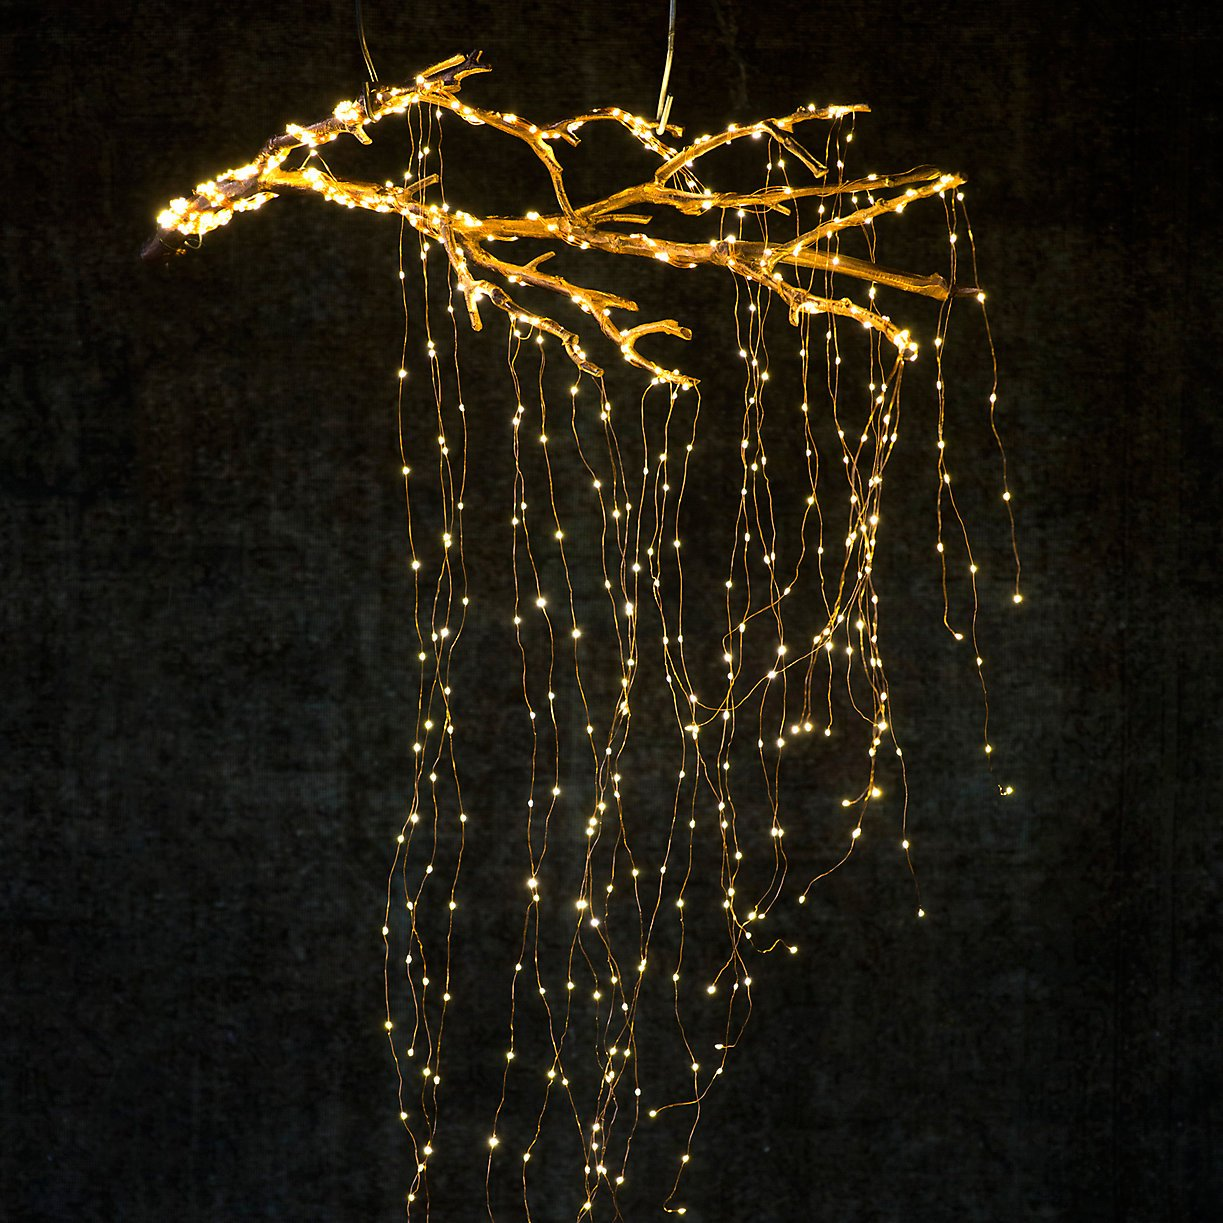 10-ideias-de-decoração-de-natal-com-luzes